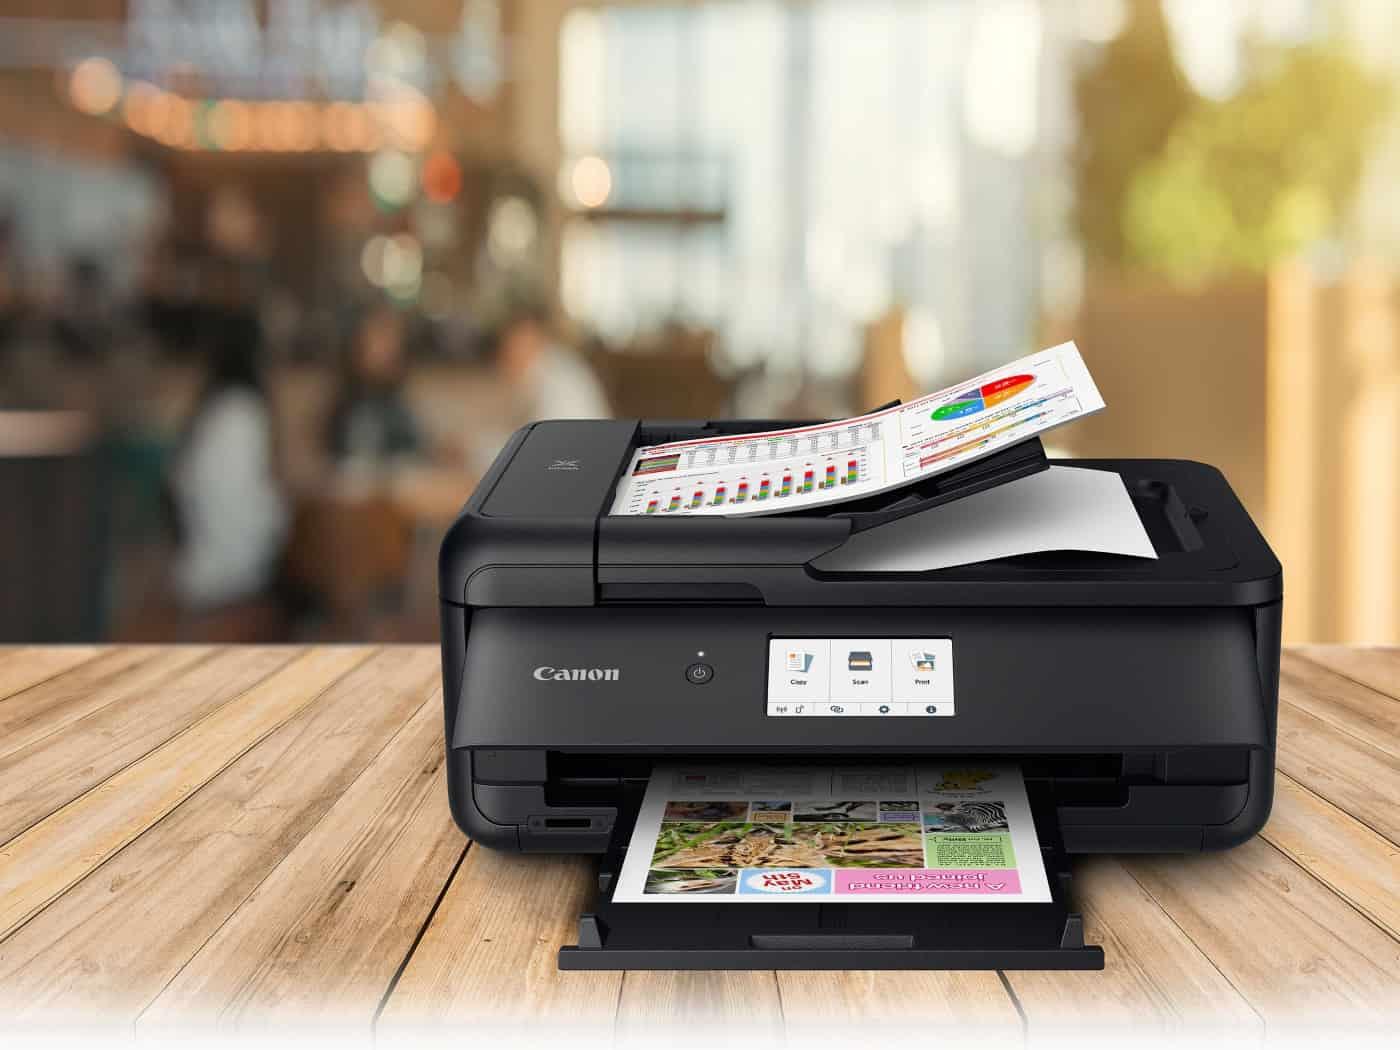 Printer Canon PIXMA TS9570